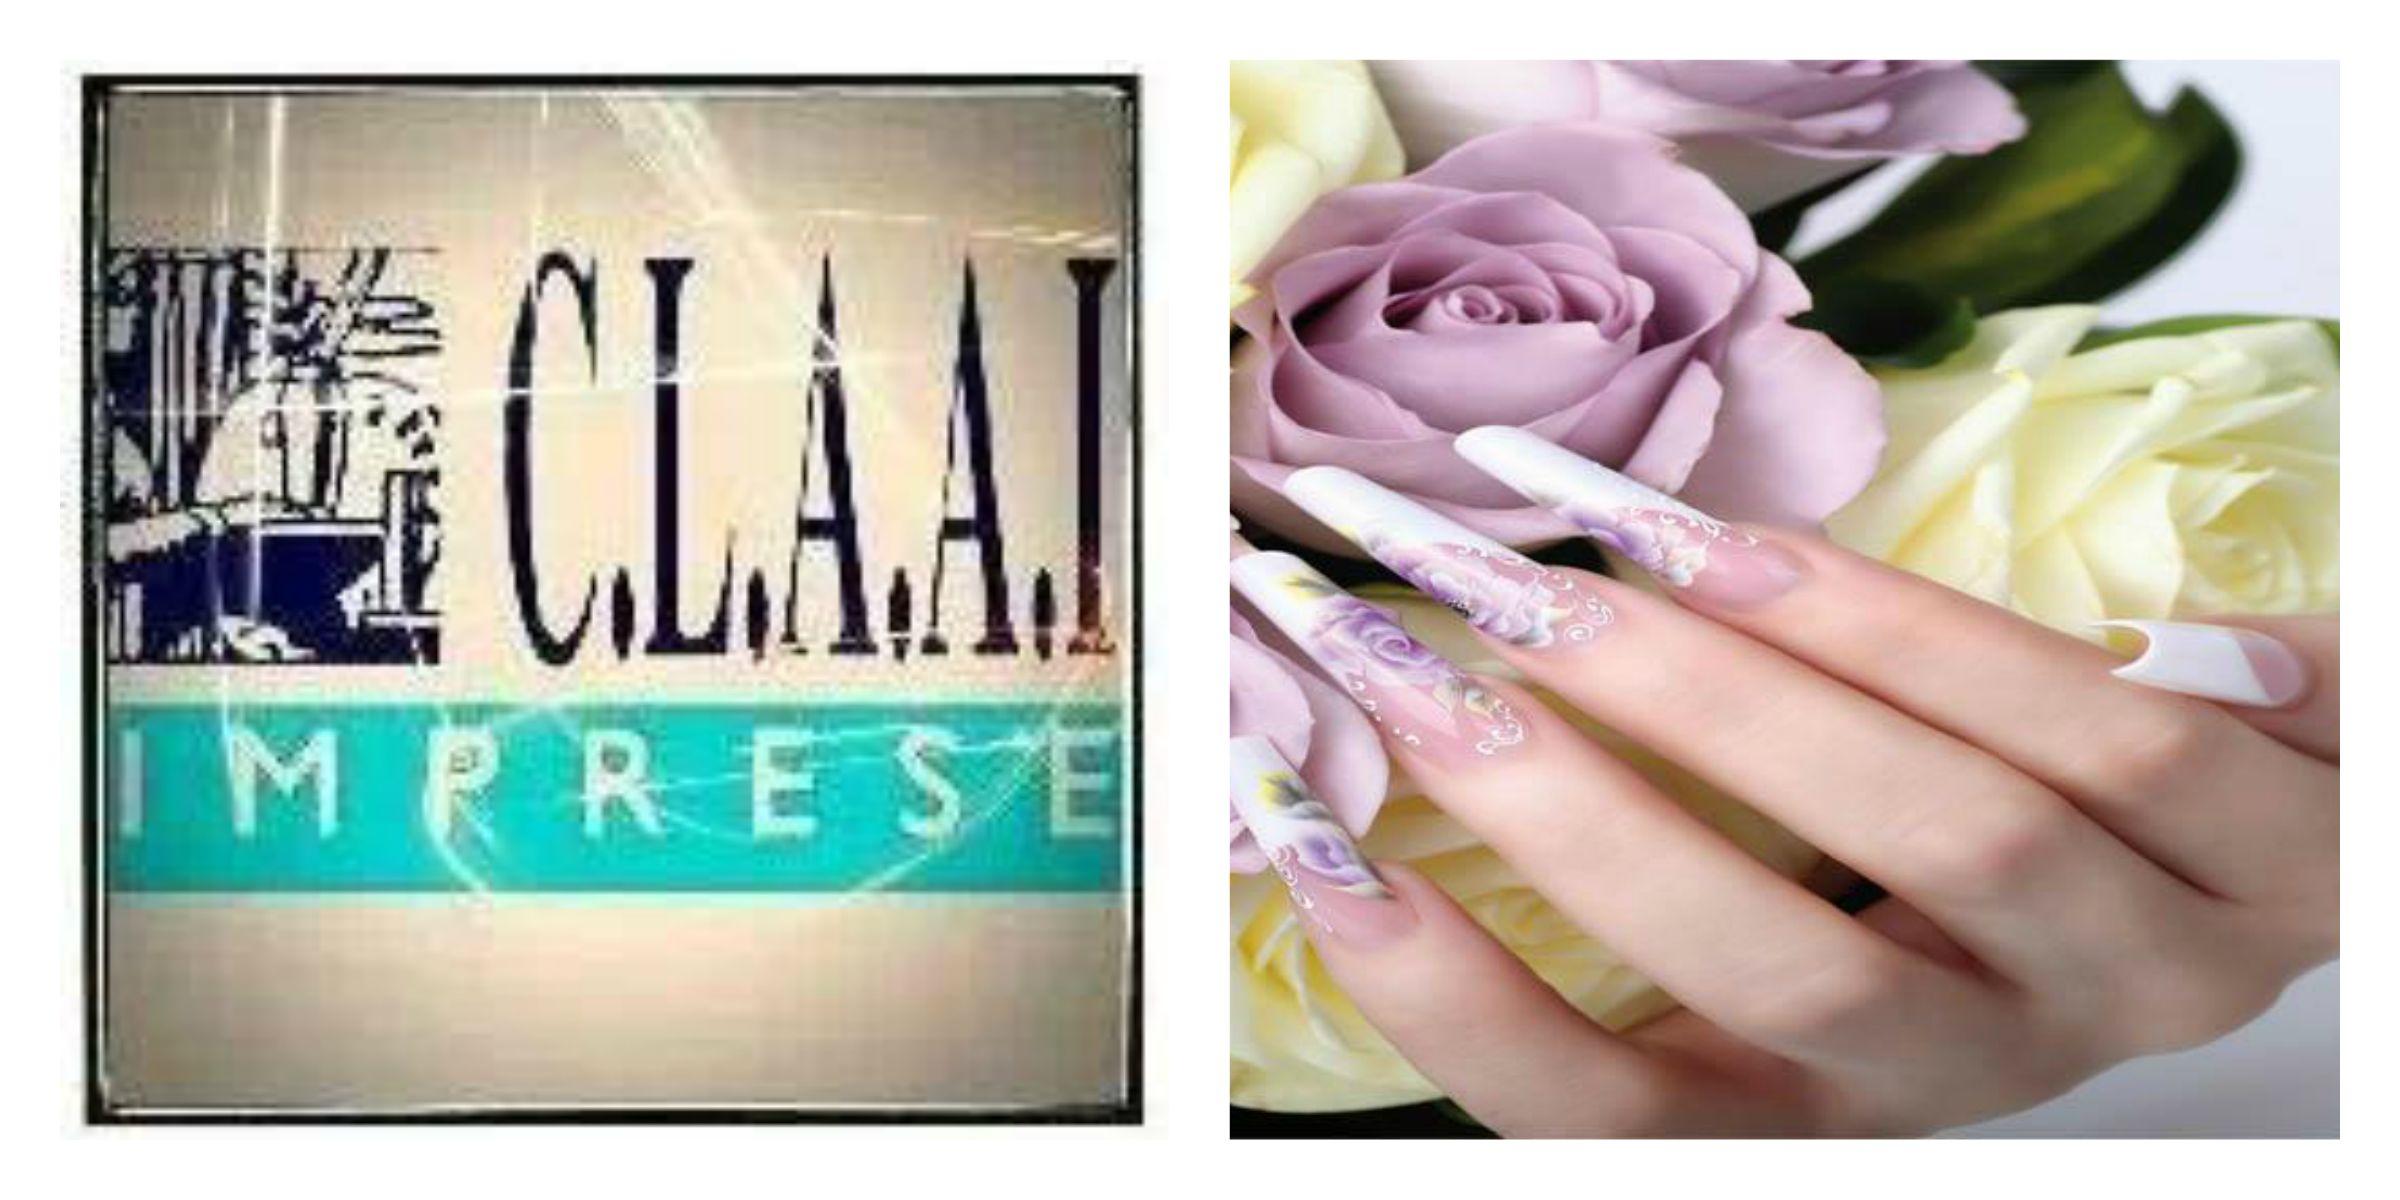 corso nail art gratis